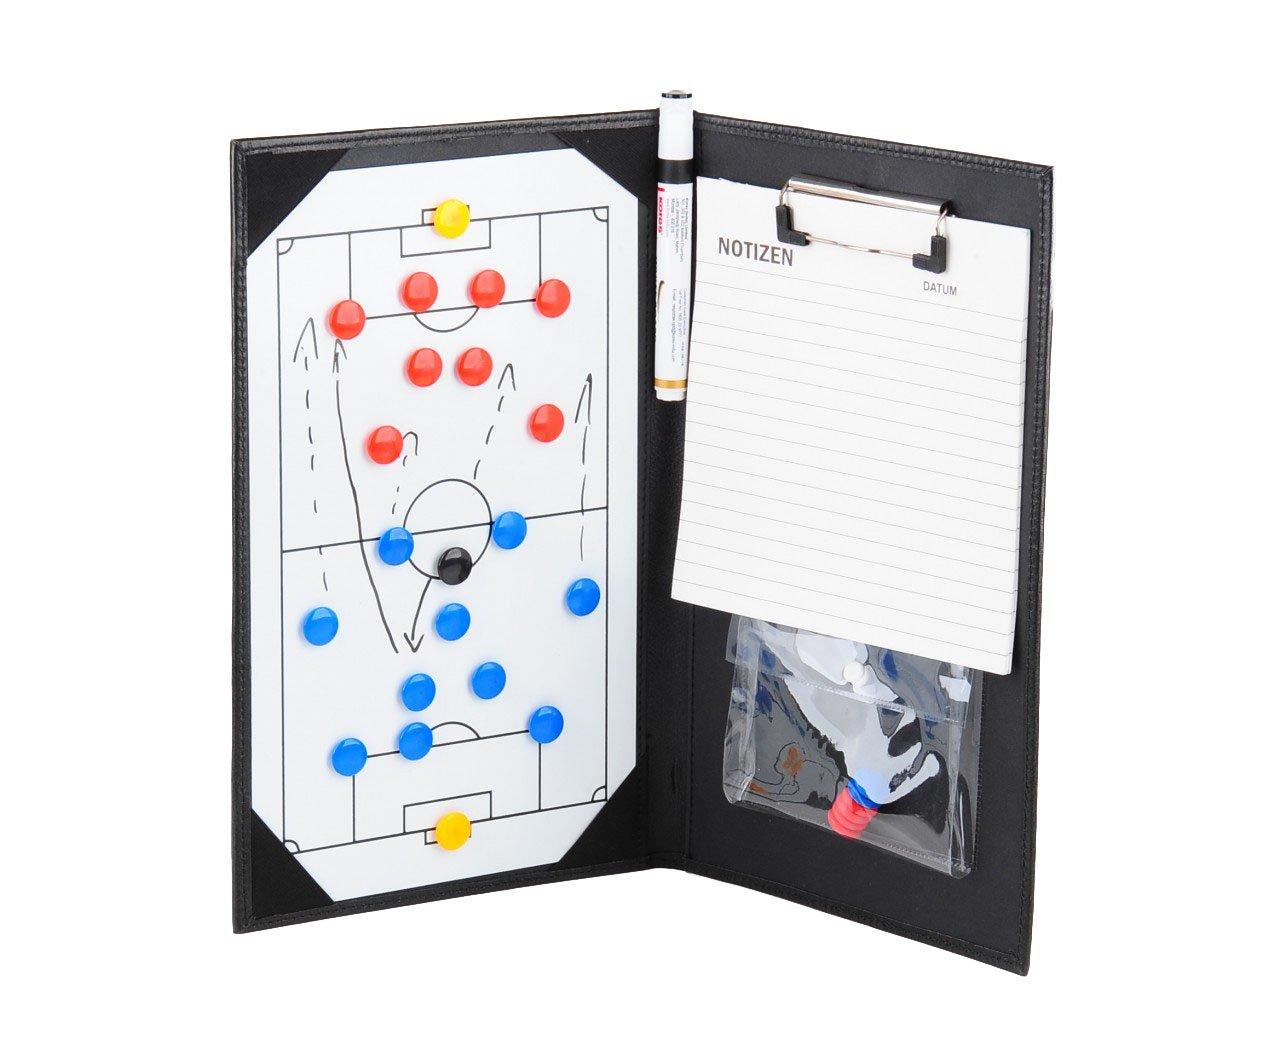 ELF Sports Handliche Magnet-Taktikmappe/Coachmappe 36x23cm inkl. Zubehör